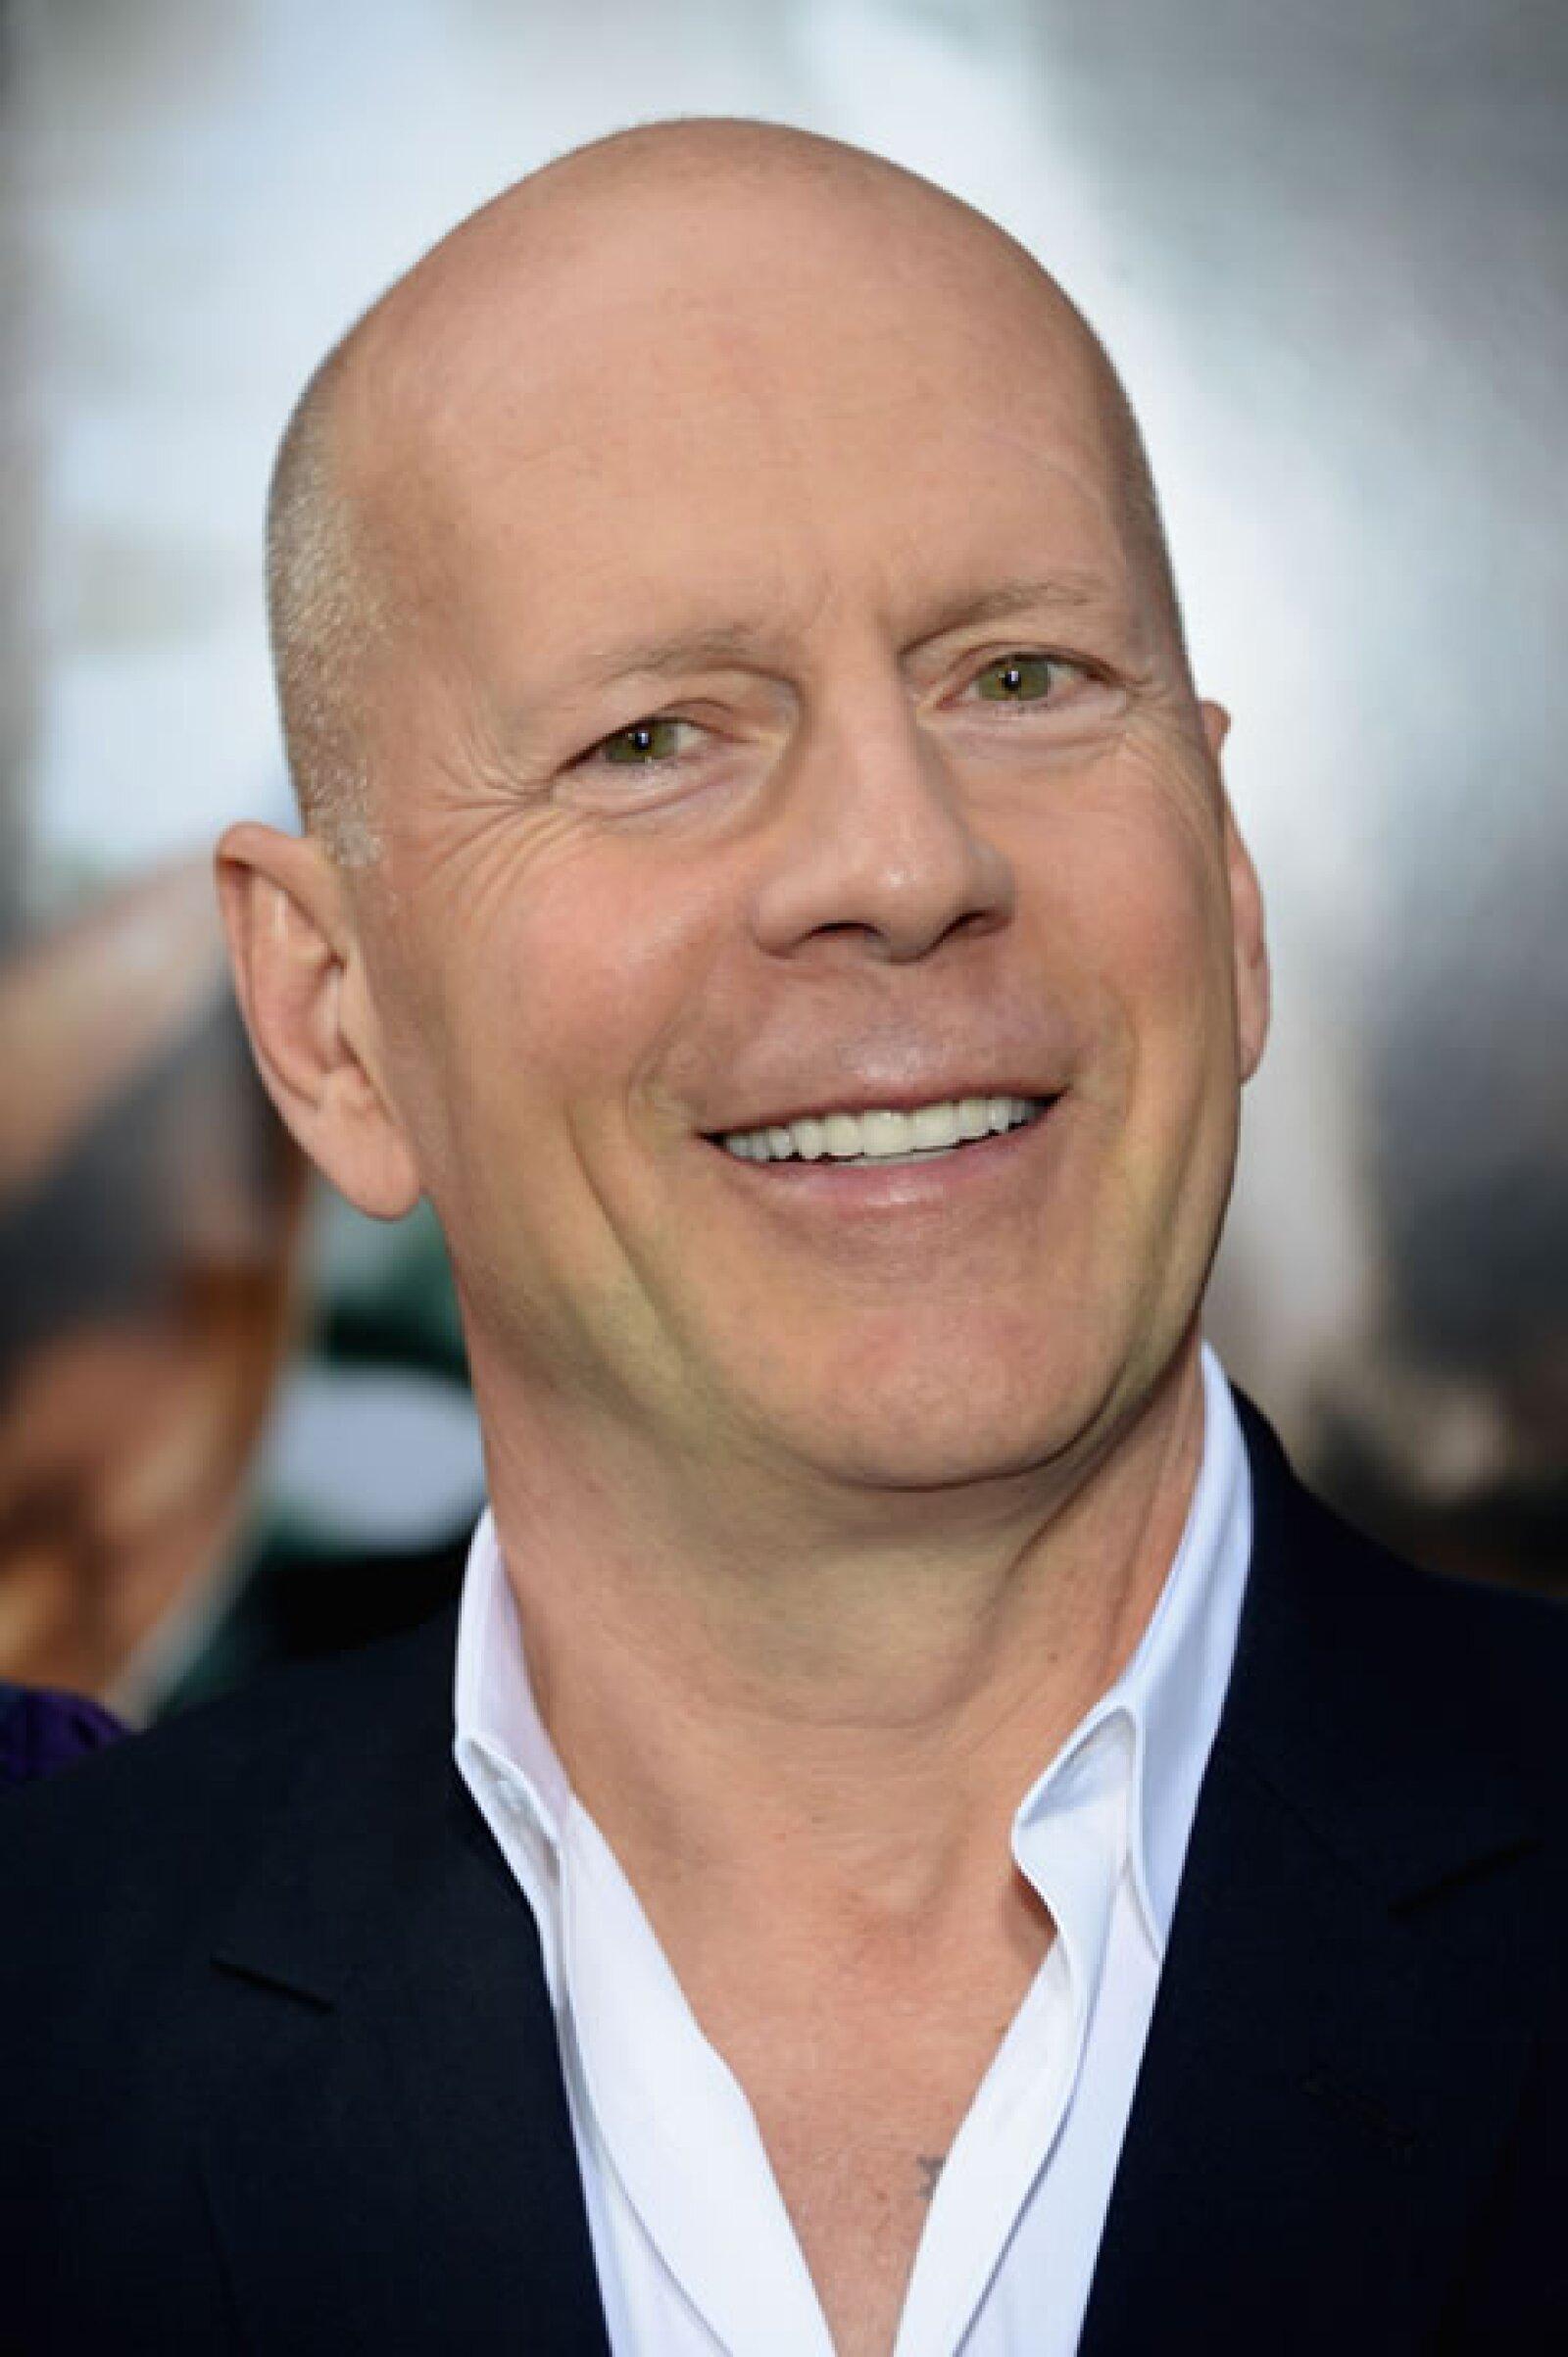 58 años y Bruce Willis sigue siendo un éxito en taquillas y con las mujeres.